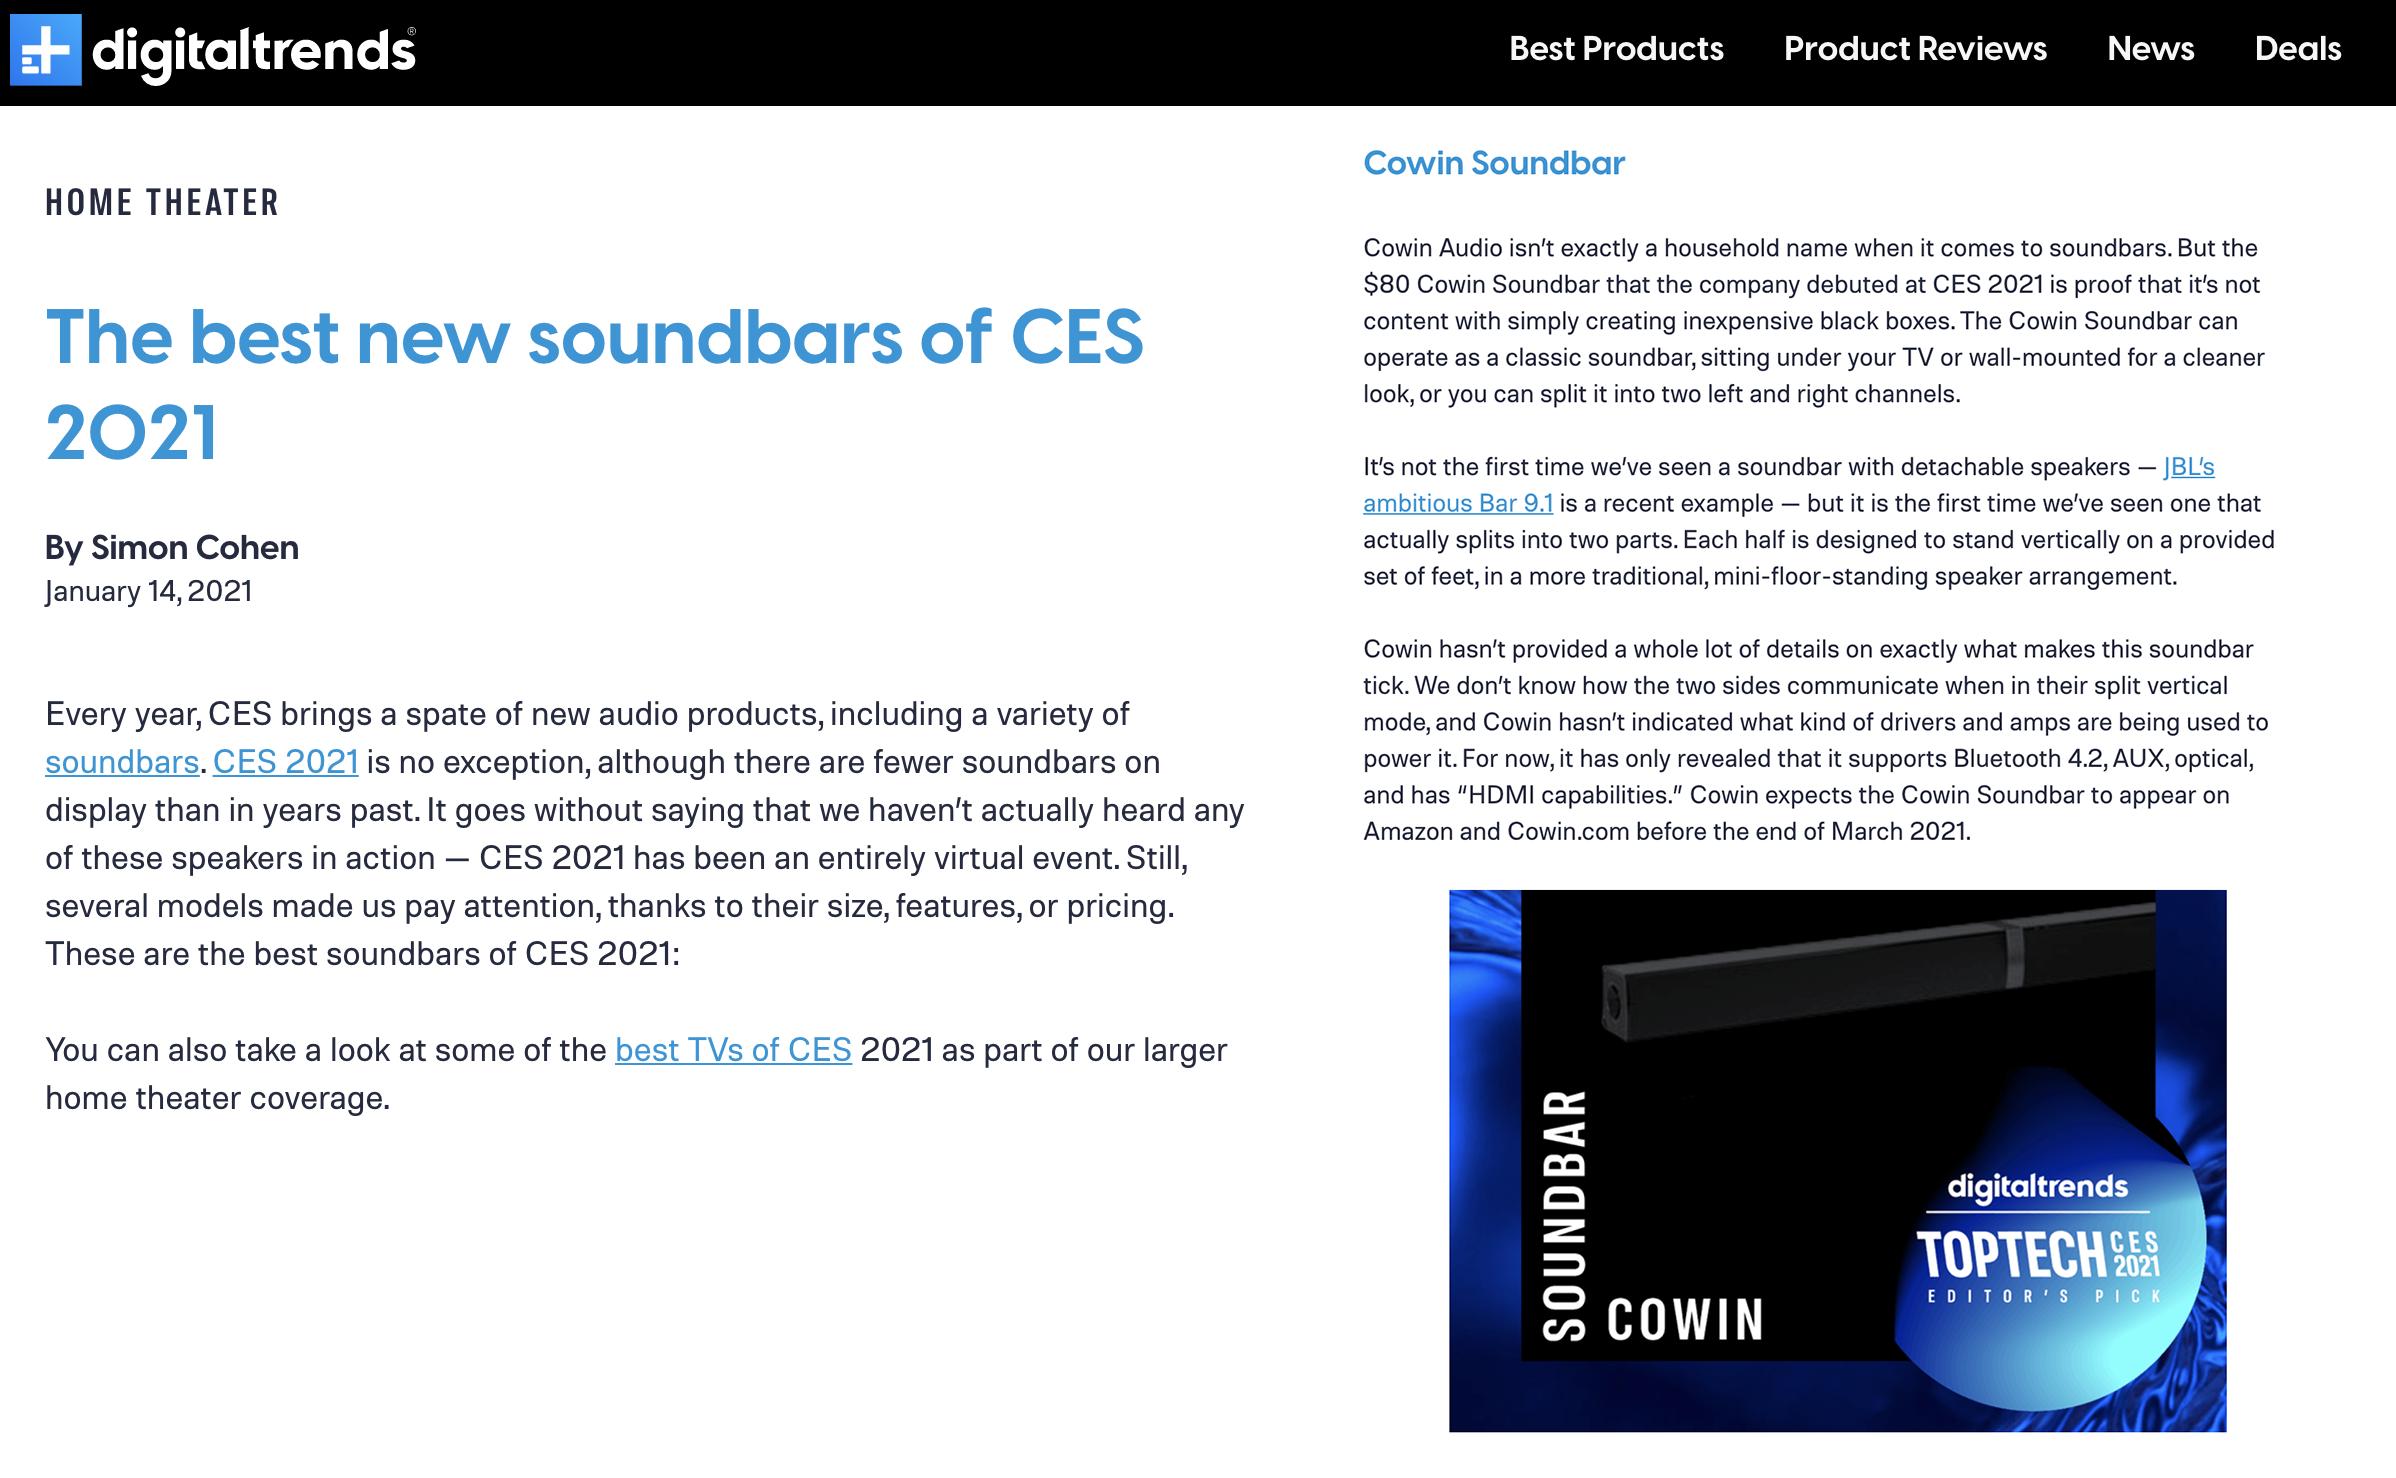 Cowin Audio